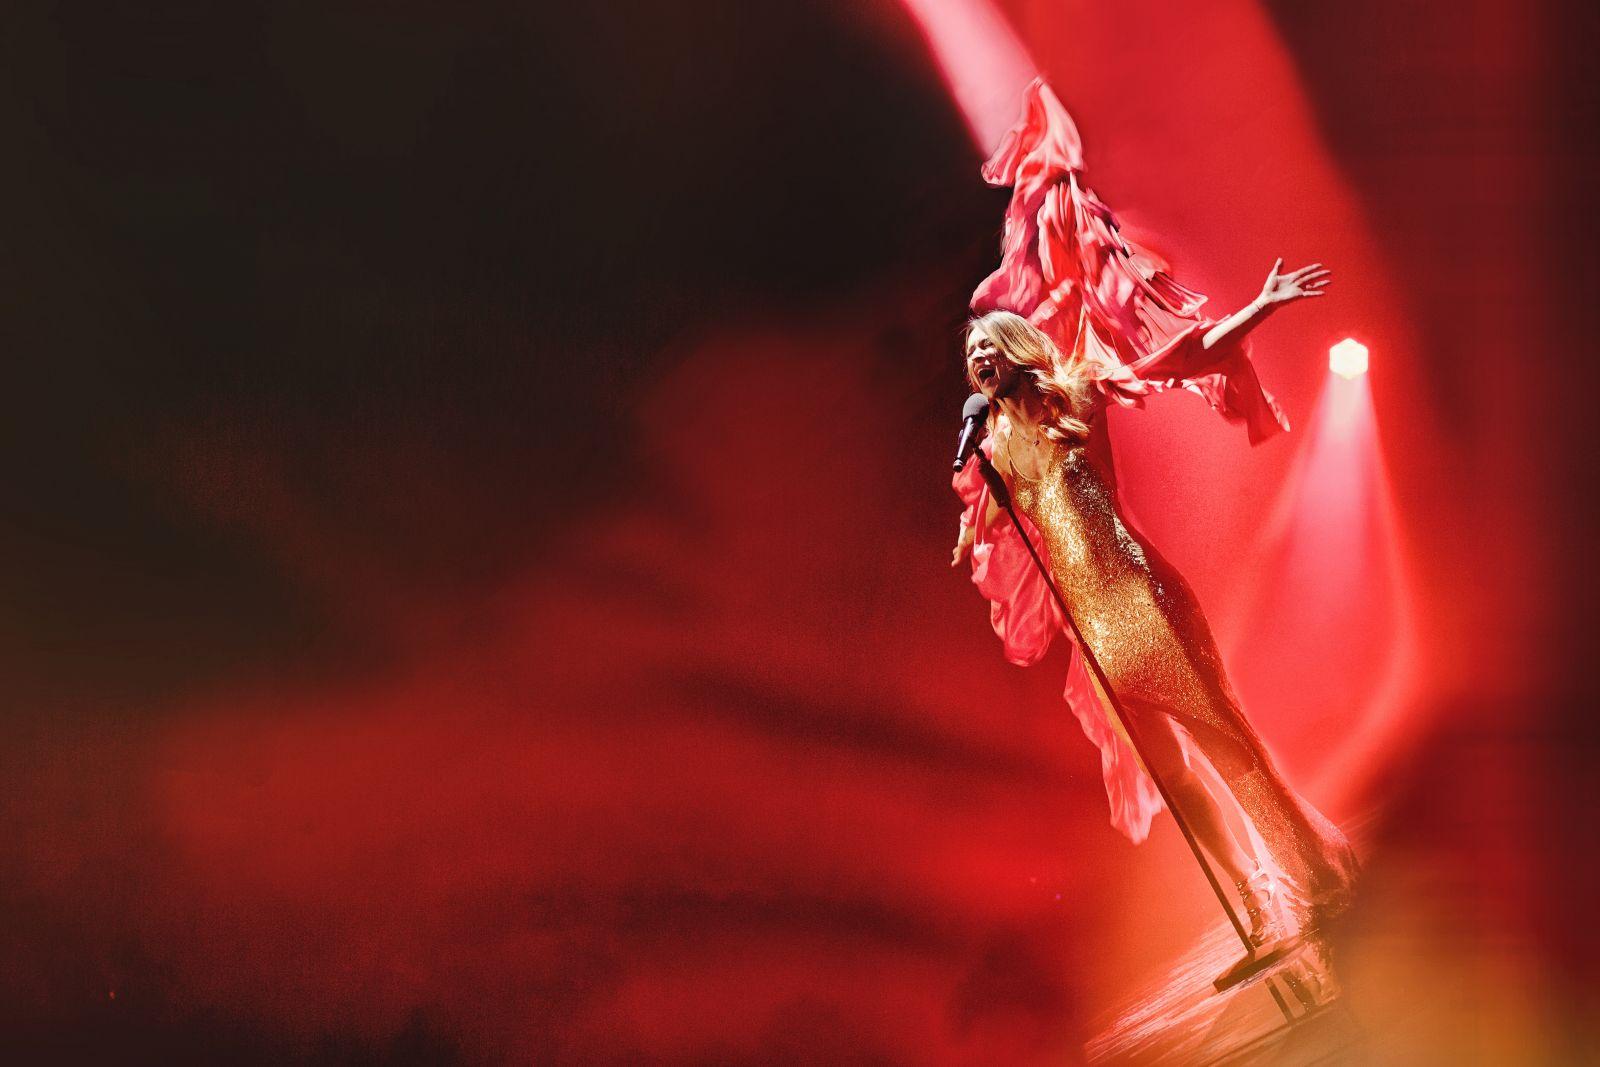 Выступление Tayanna в финале нацотобора Евровидения: высший балл от жюри и мокрые ладони Джамалы